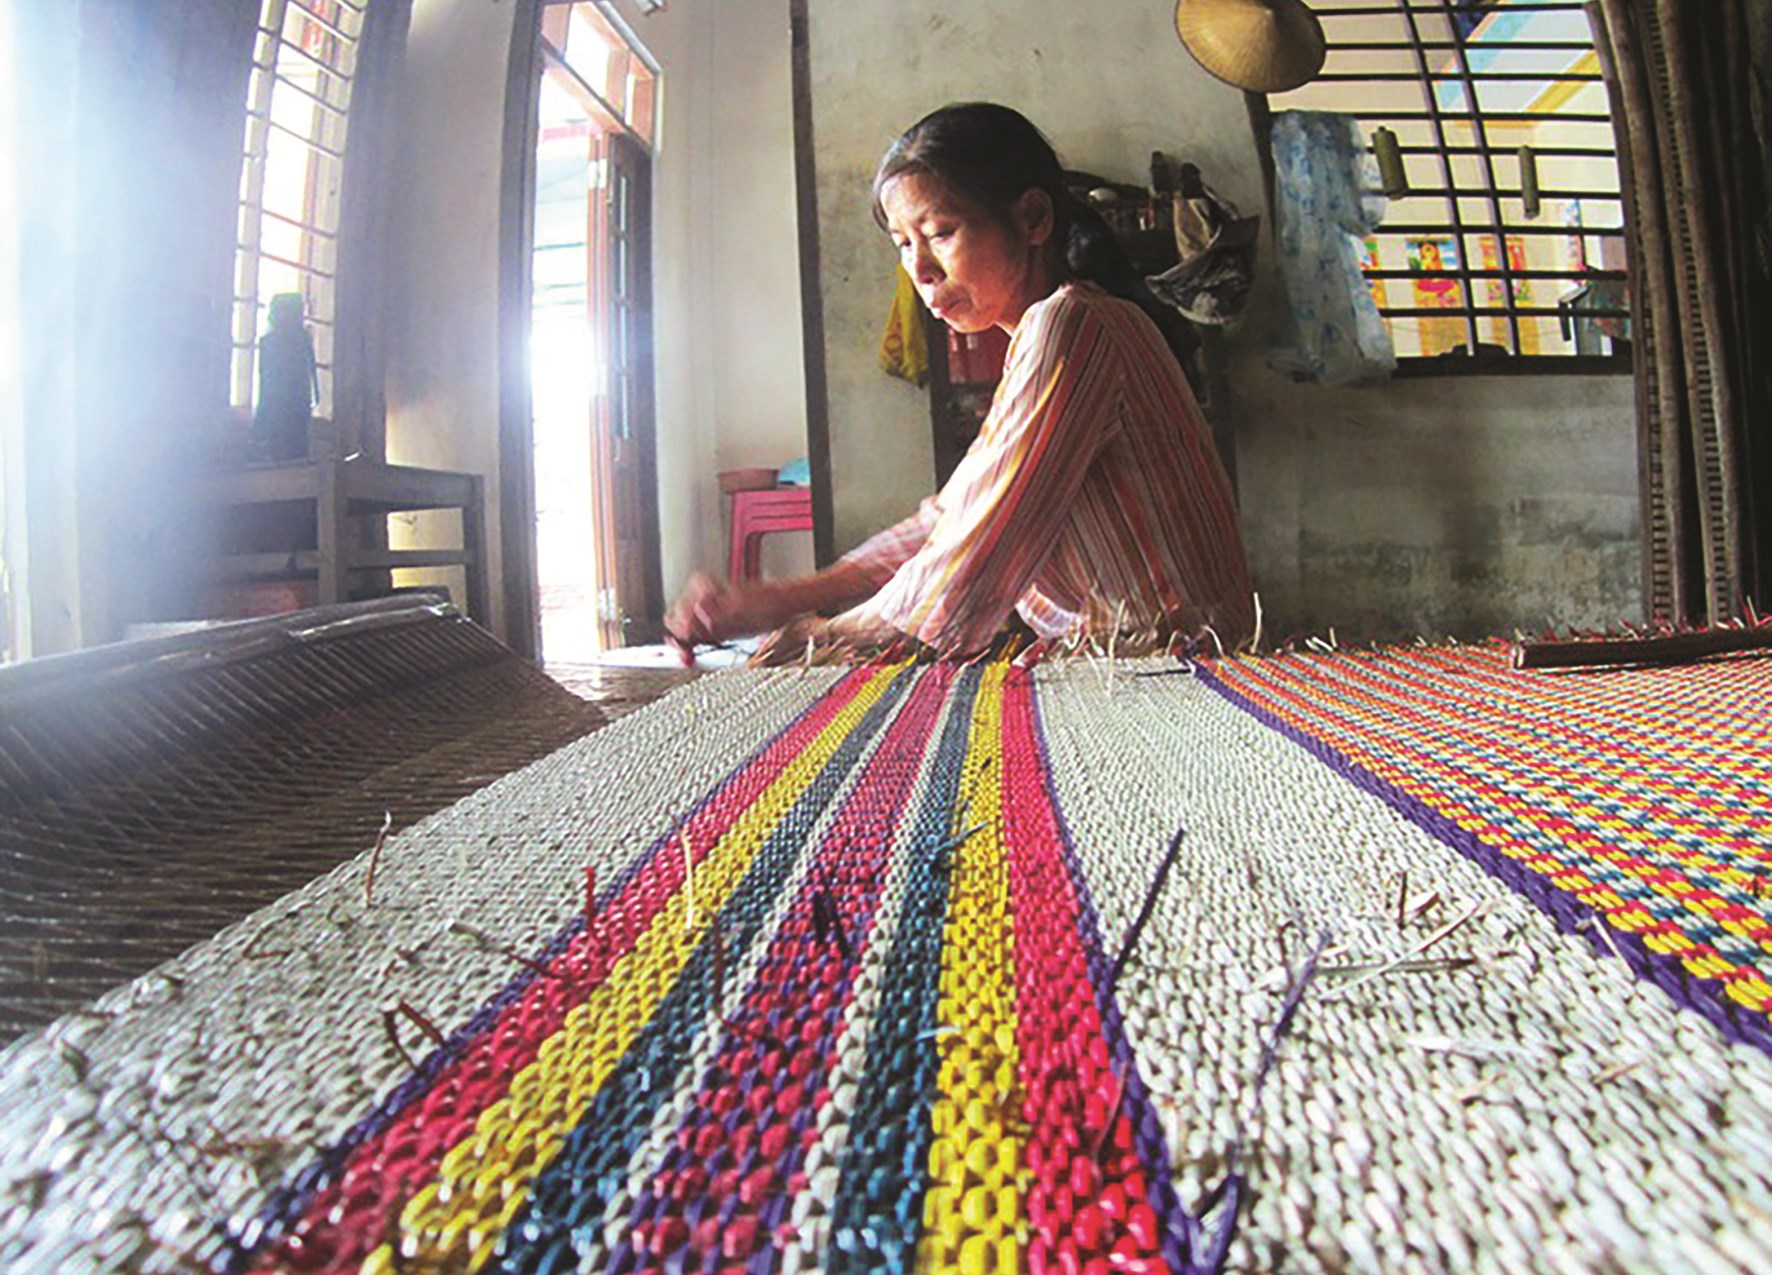 """Dù công việc đan chiếu thủ công vất vả, thu nhập chẳng là bao, nhiều phụ nữ làng An Xá vẫn tâm huyết """"giữ lửa"""" với nghề. (Ảnh: Trung Hiếu)."""